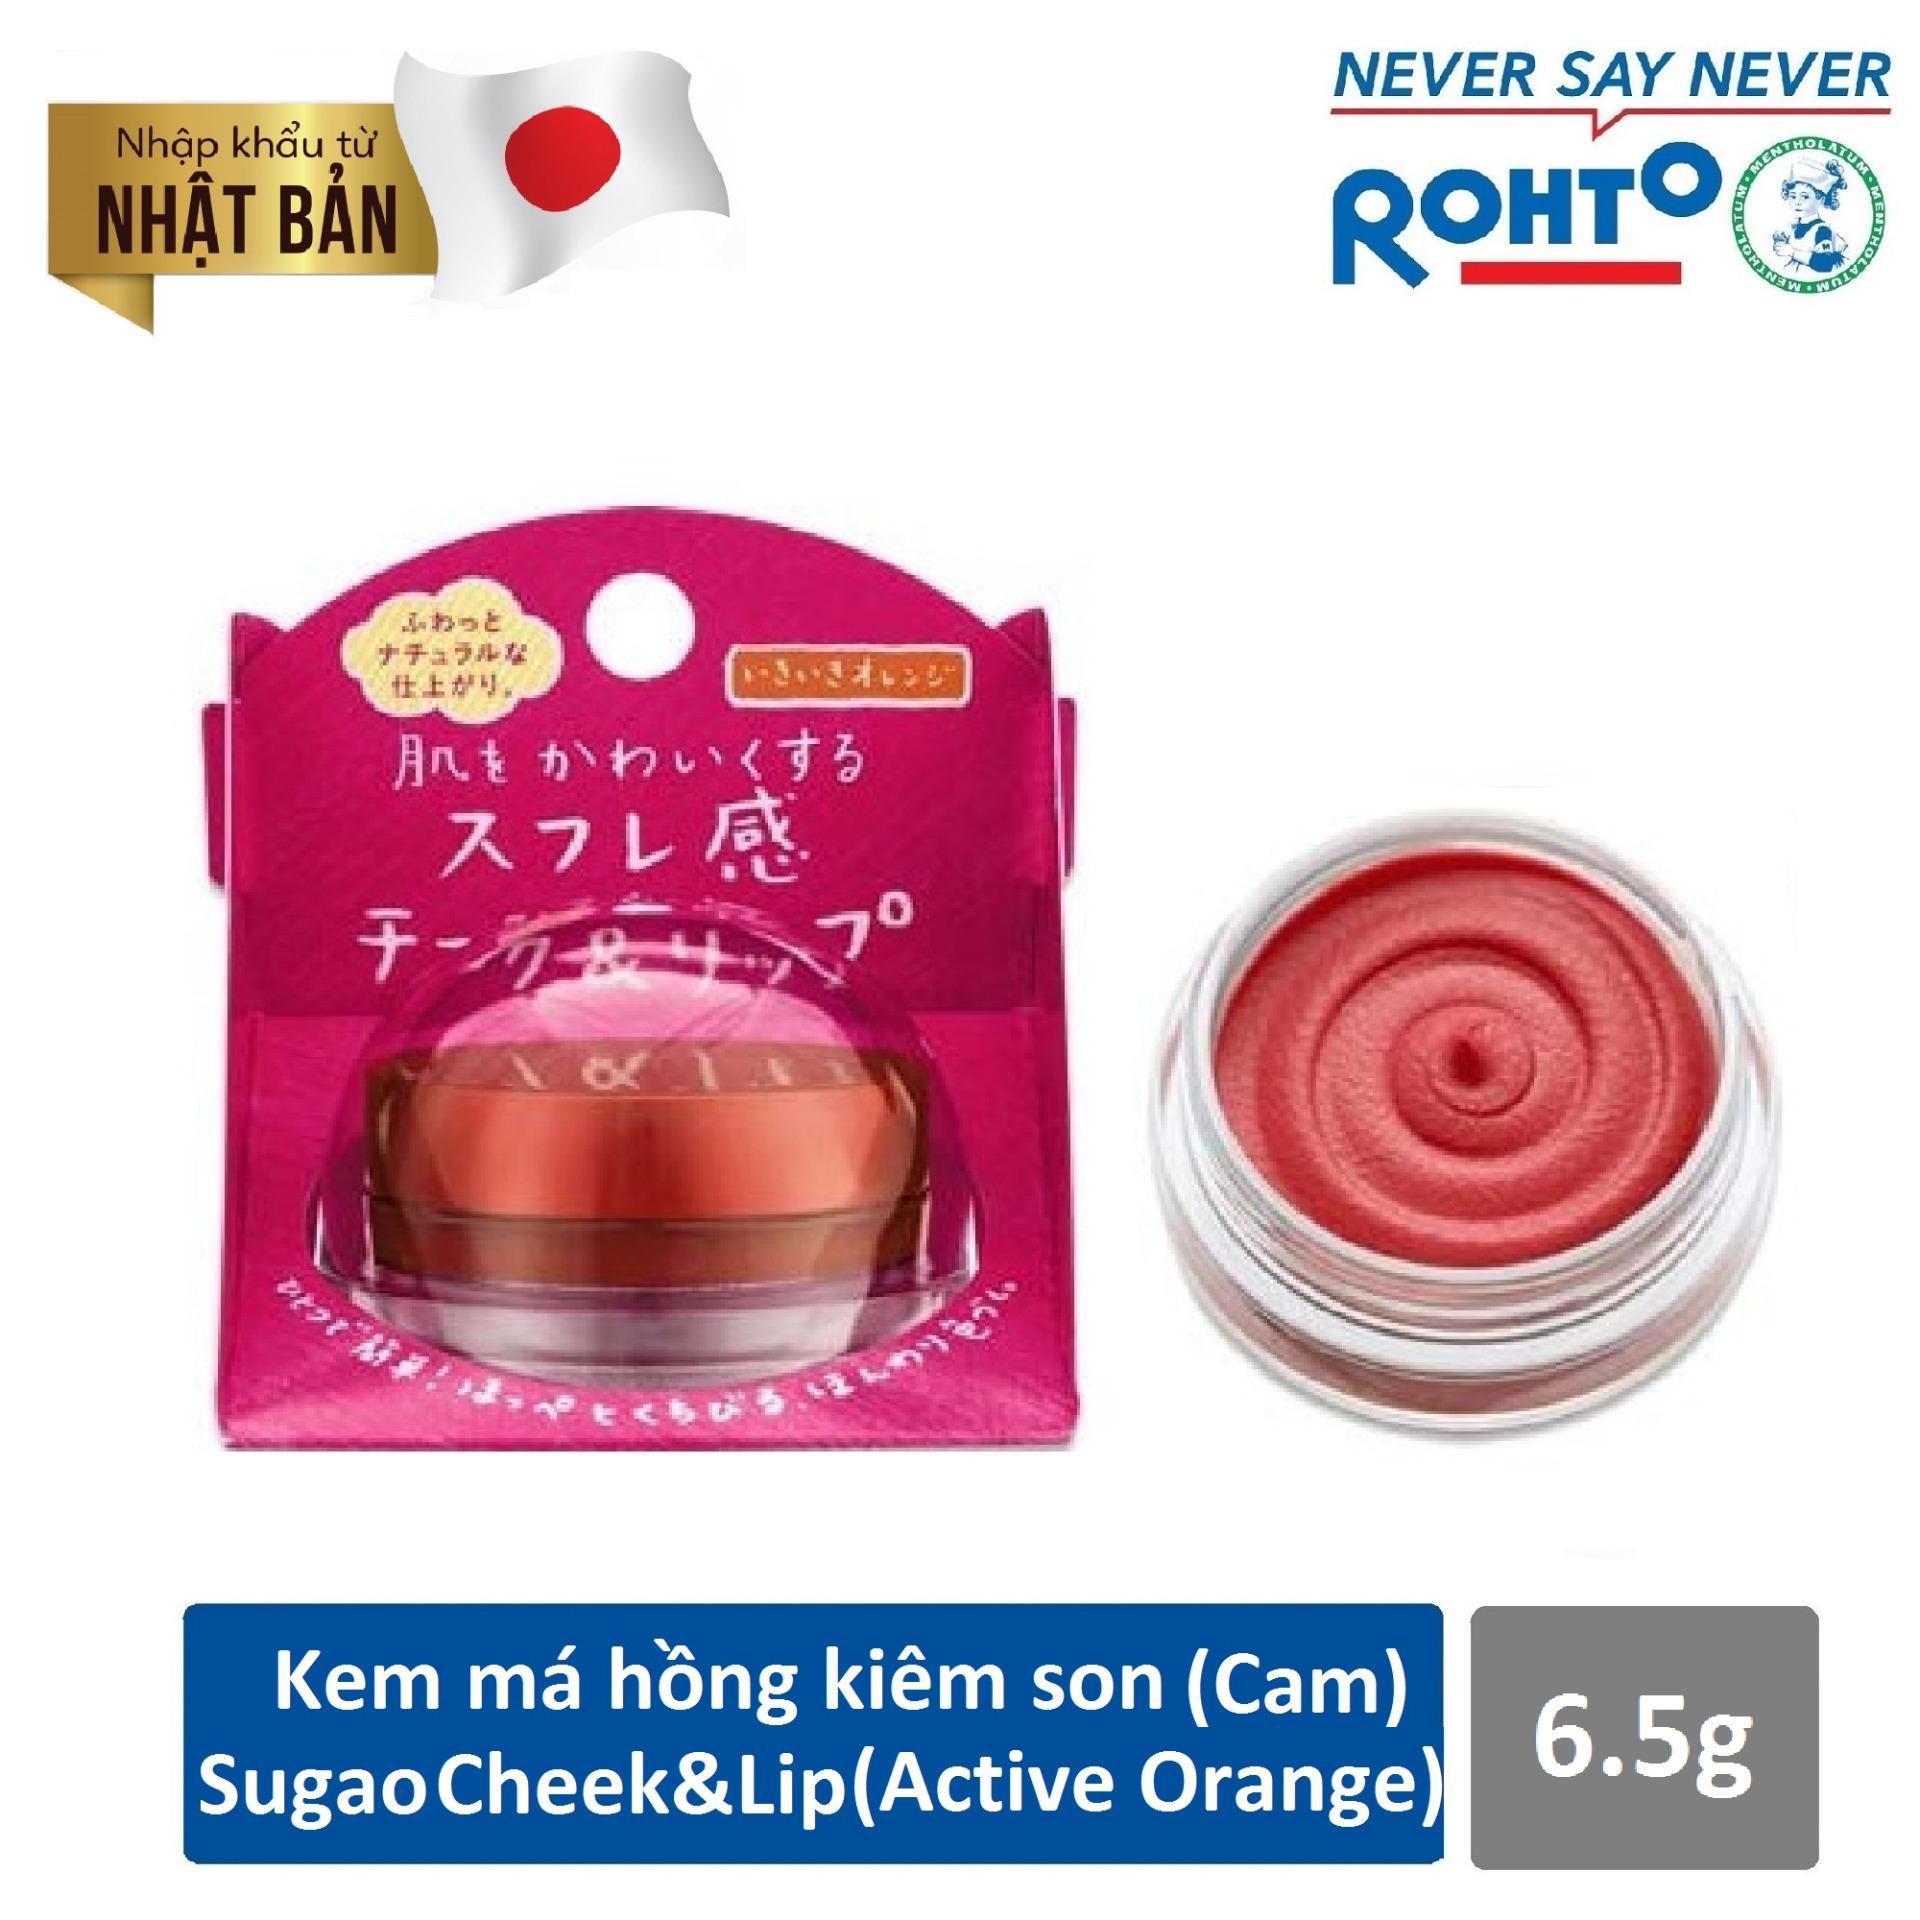 Bán Kem Ma Hồng Kiem Son Mau Cam Sugao Air Fit Cheek Lip Active Orange 6 5G Nhập Khẩu Từ Nhật Bản Nguyên